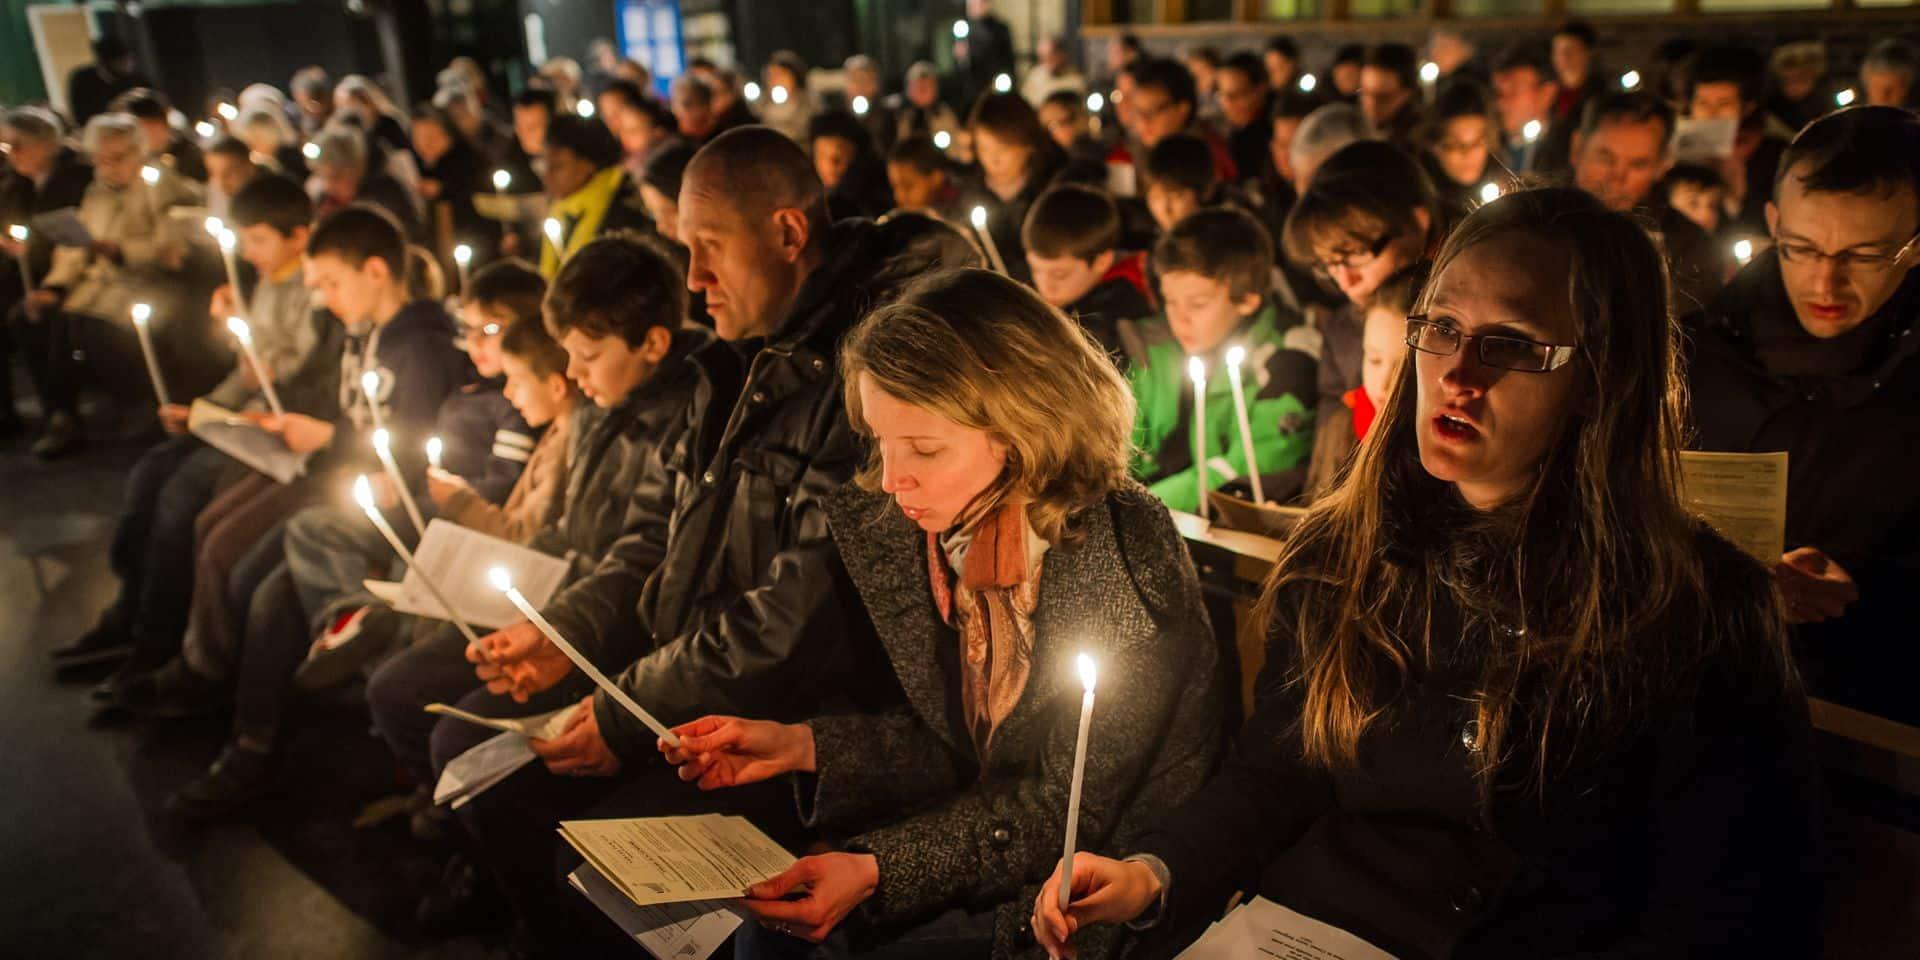 Si l'Eglise veut survivre aux abus, elle doit se réformer en profondeur